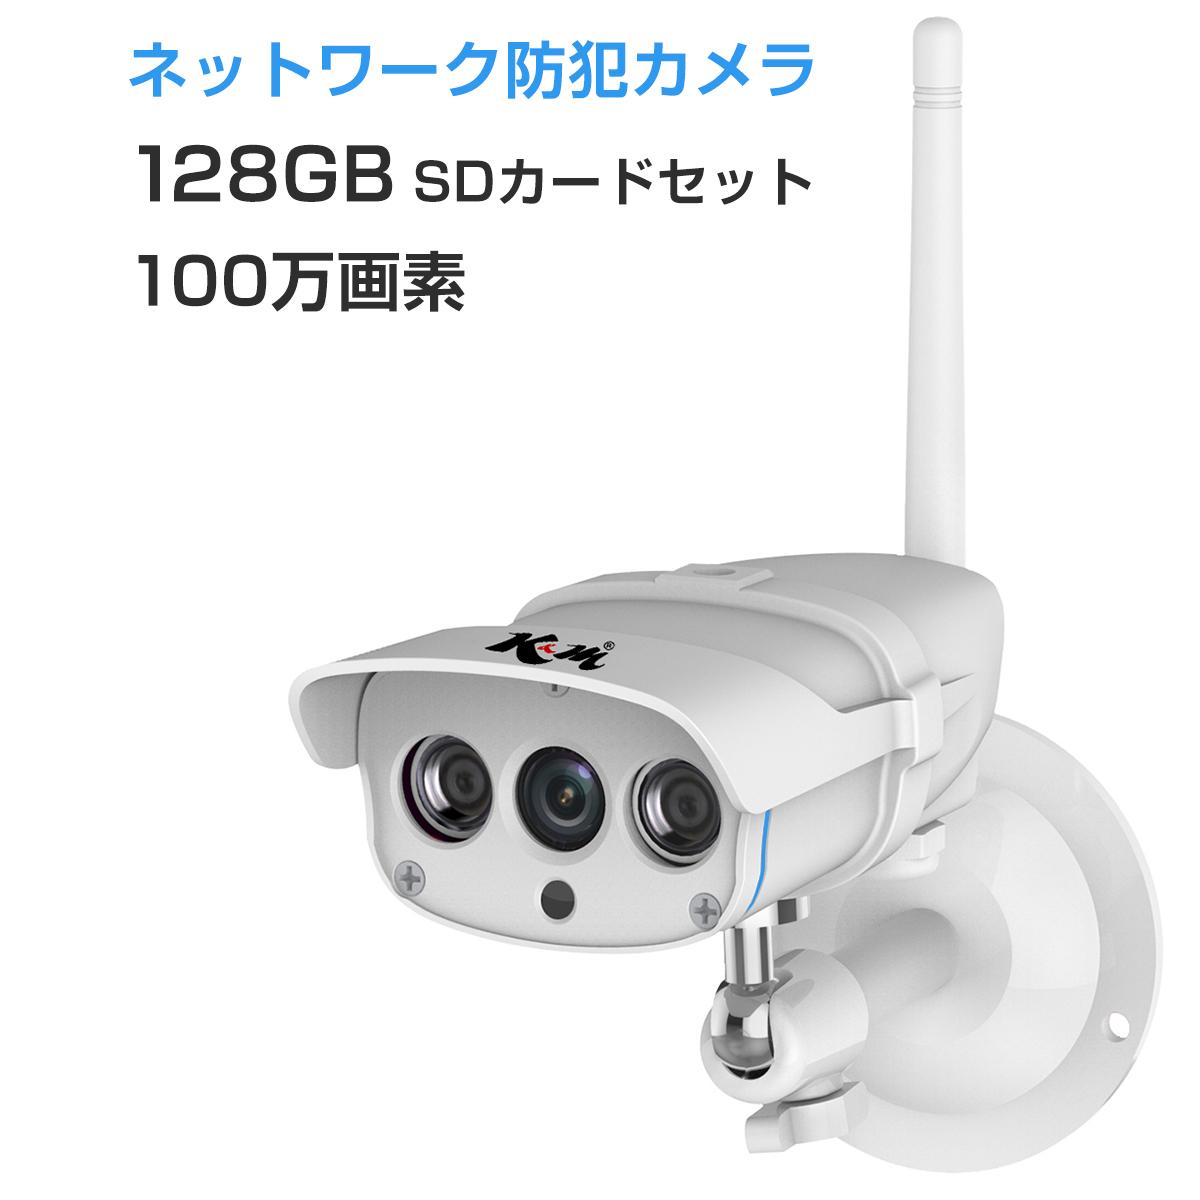 防犯カメラ 100万画素 C7816 SDカード128GB同梱モデル ペットモニター VStarcam ワイヤレス 無線WIFI MicroSDカード録画 LANケーブルなくても電源繋ぐだけ 屋外用 監視 ネットワーク IP WEB カメラ 動体検知 宅配便送料無料 PSE 技適 1年保証 K&M